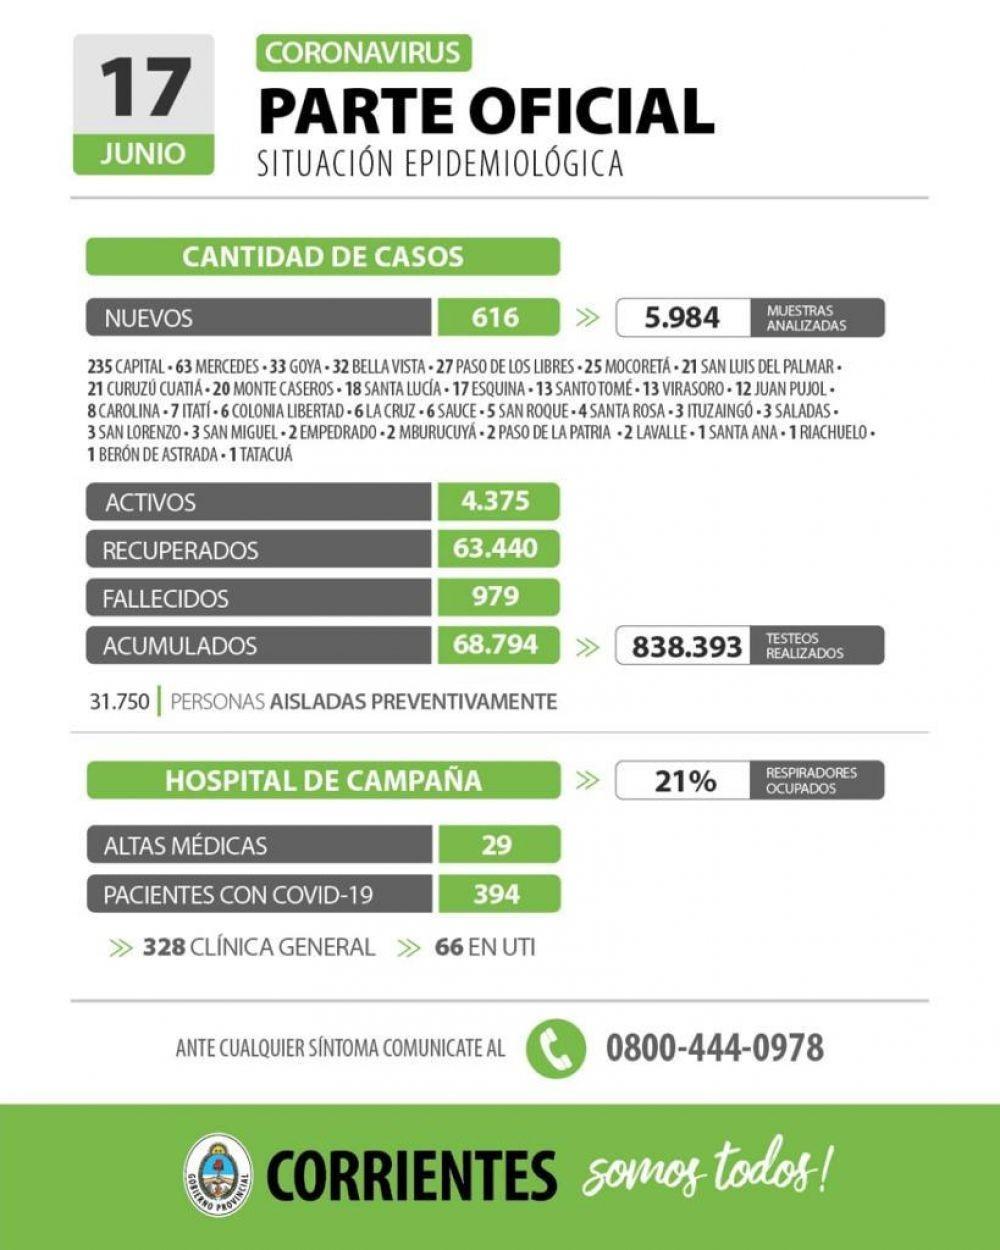 Informan de 616 nuevos casos de coronavirus en Corrientes